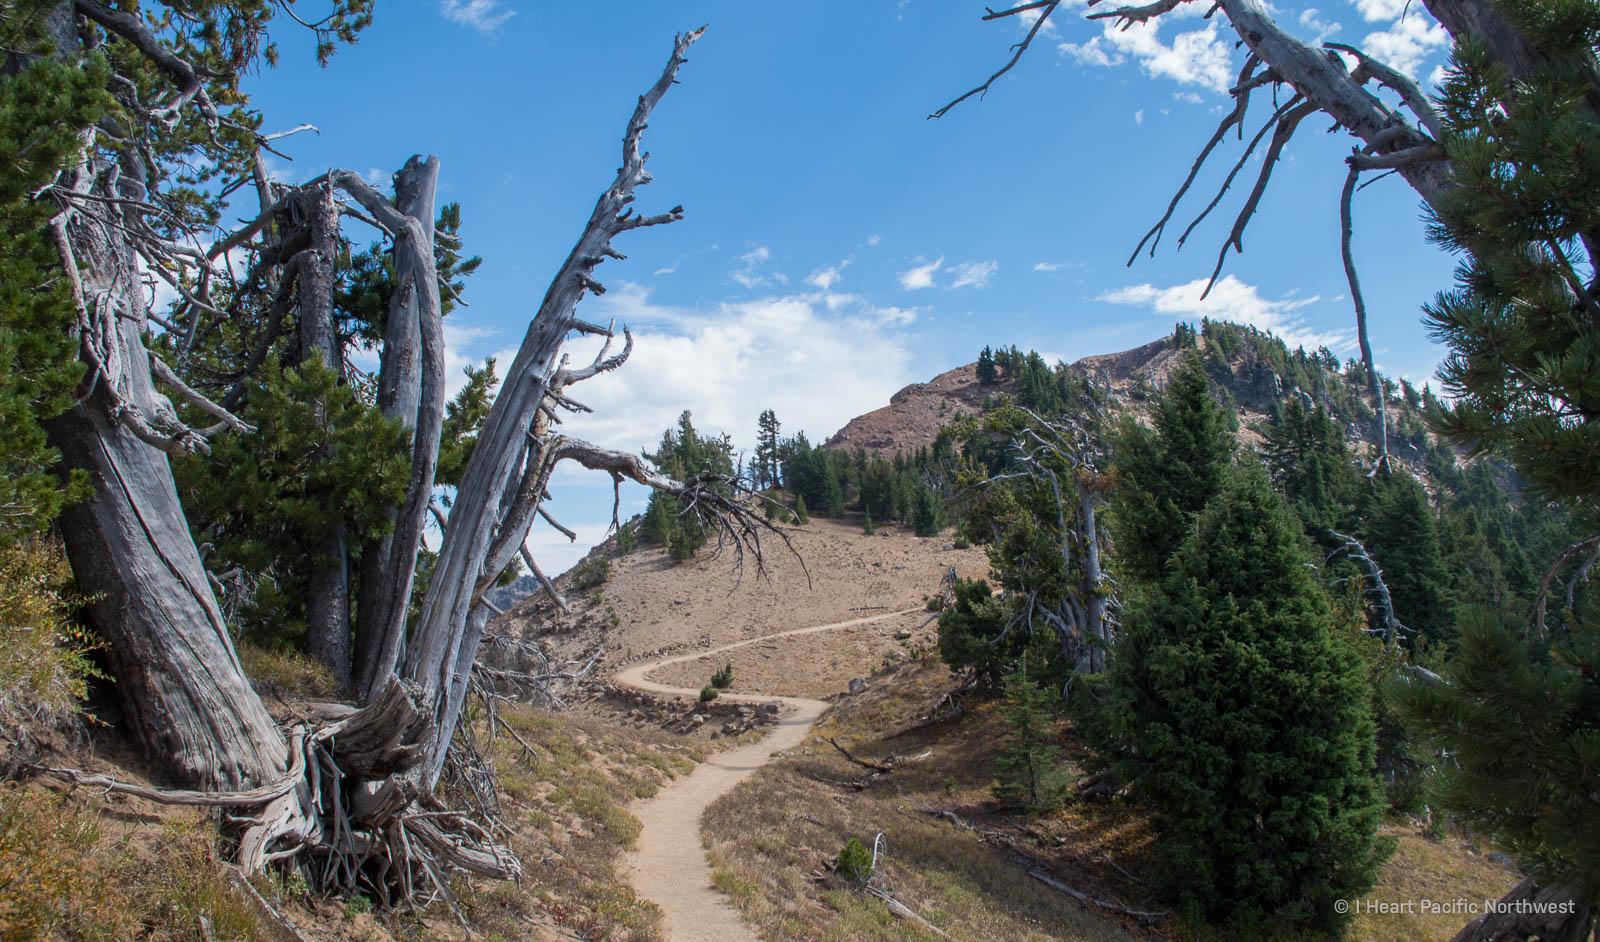 Crater Lake National Park - Garfield Peak hike